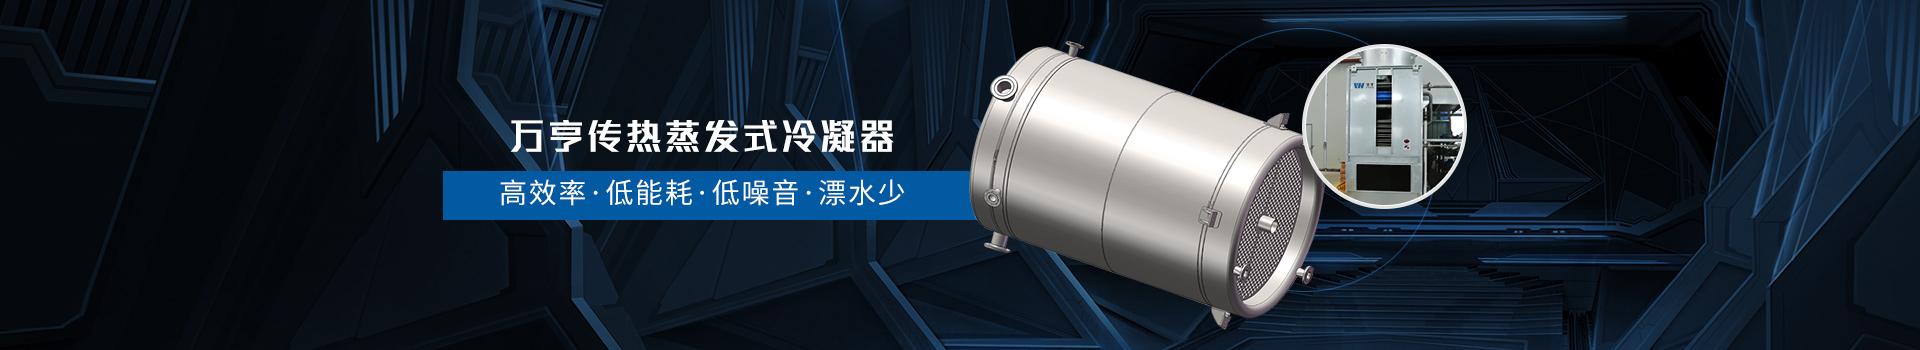 万亨蒸发式冷凝器:高效率、低能耗,低噪音,漂水少